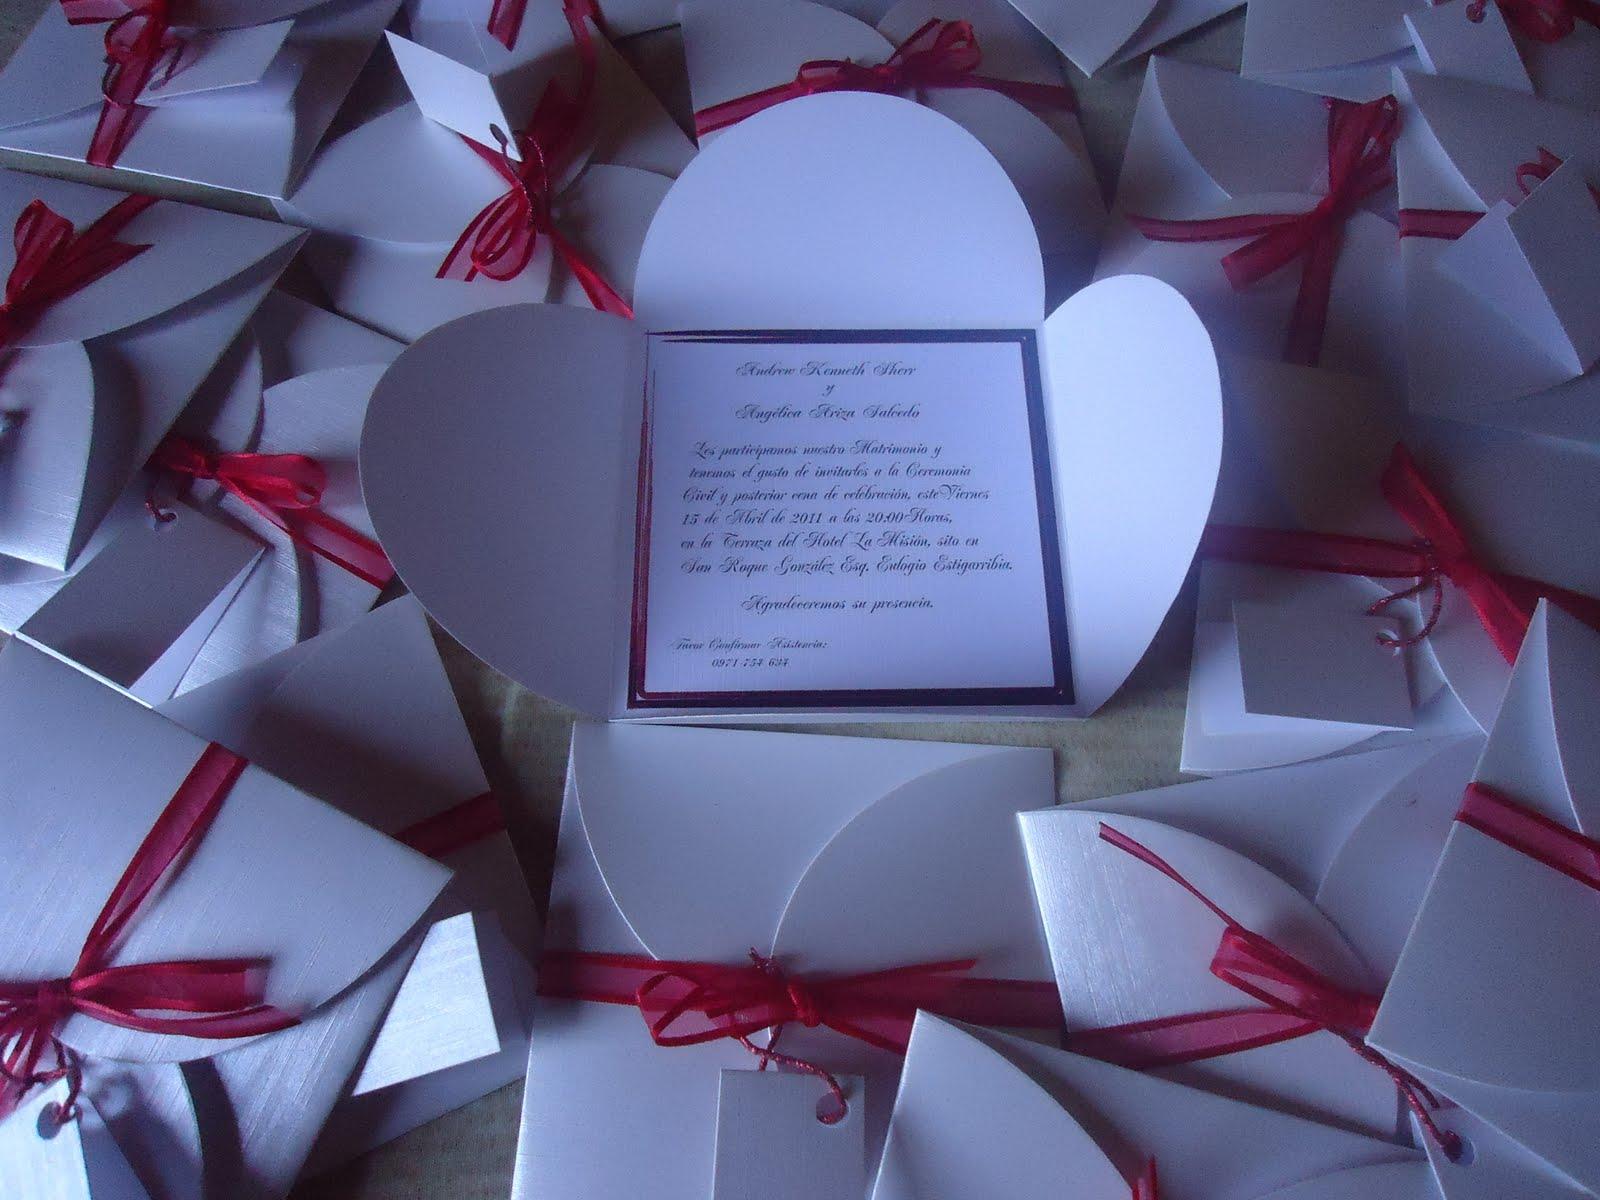 ... en invitación de boda cerrado con moño de cinta de tull color rojo